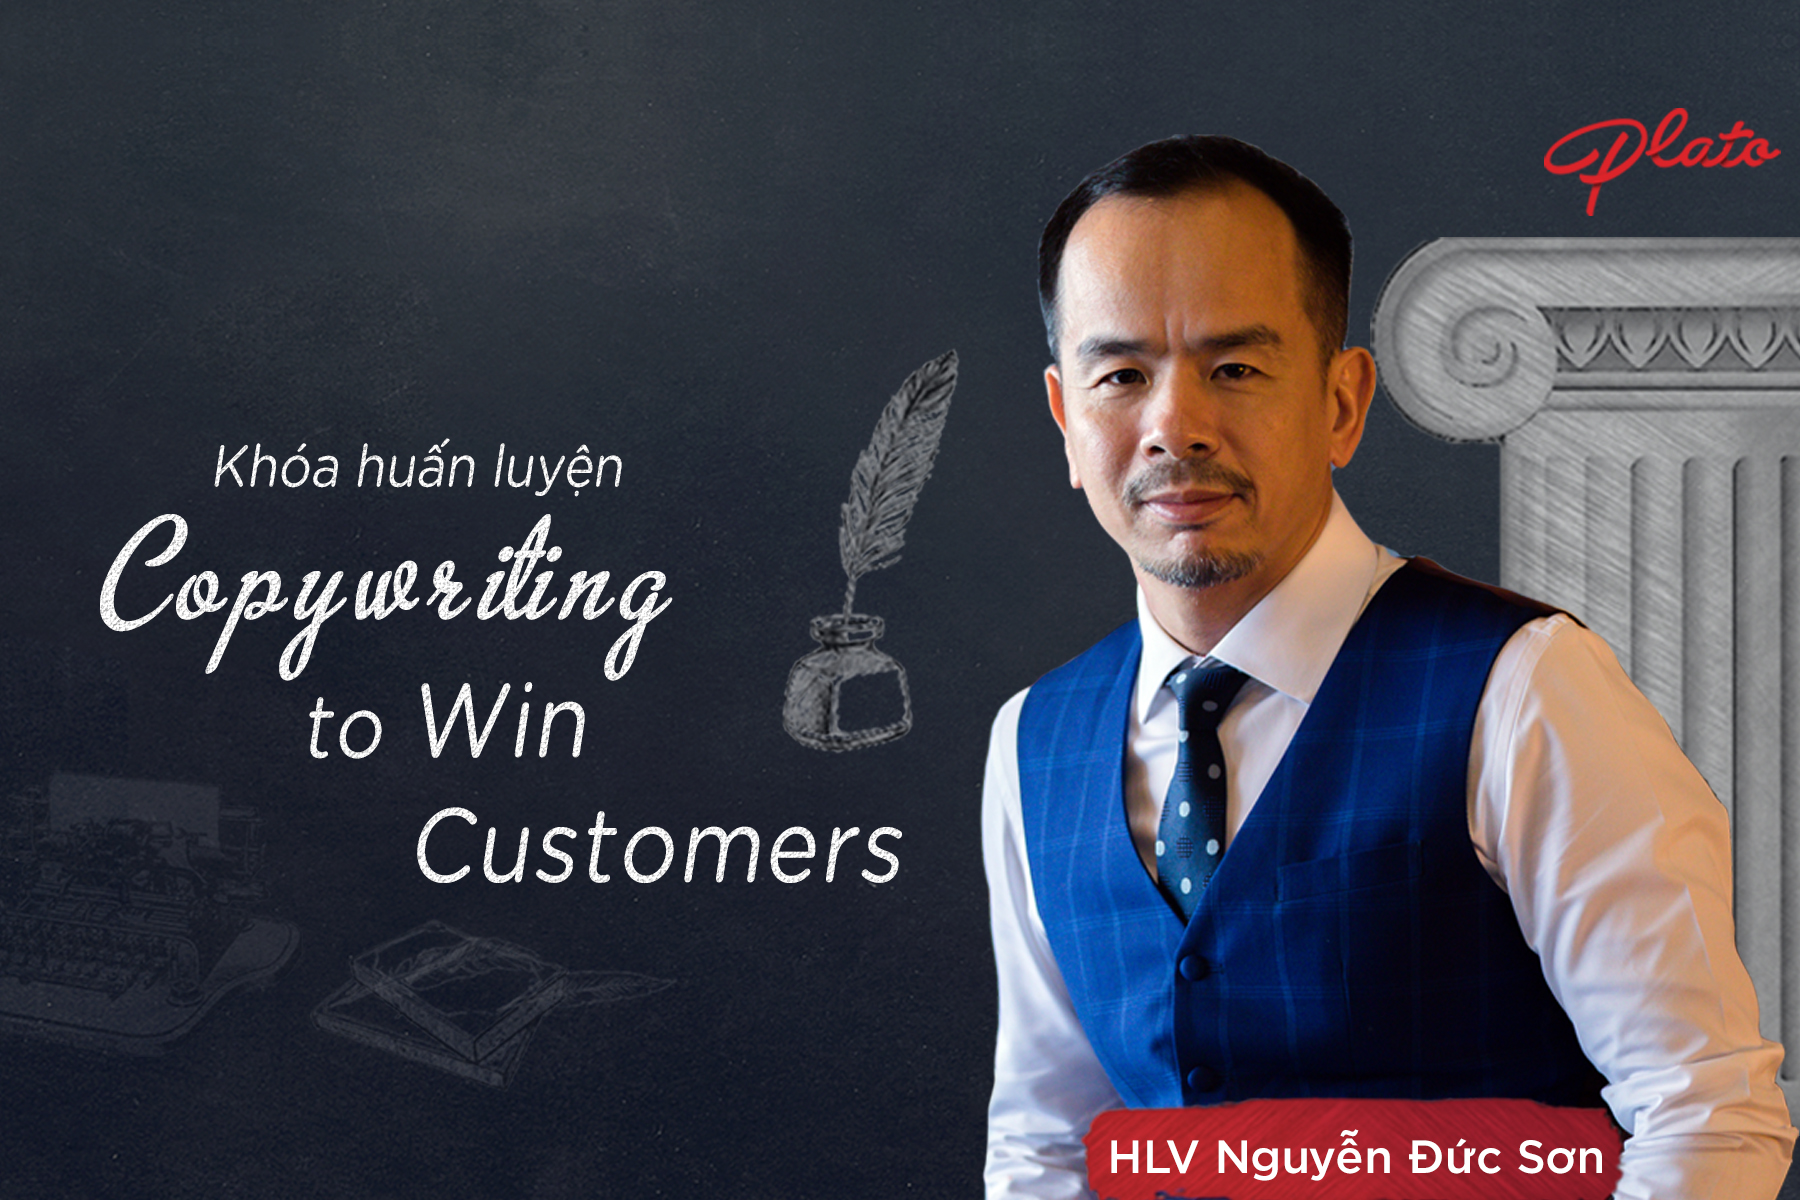 Khóa huấn luyện Copywriting to Win Customers (Học viết Content)